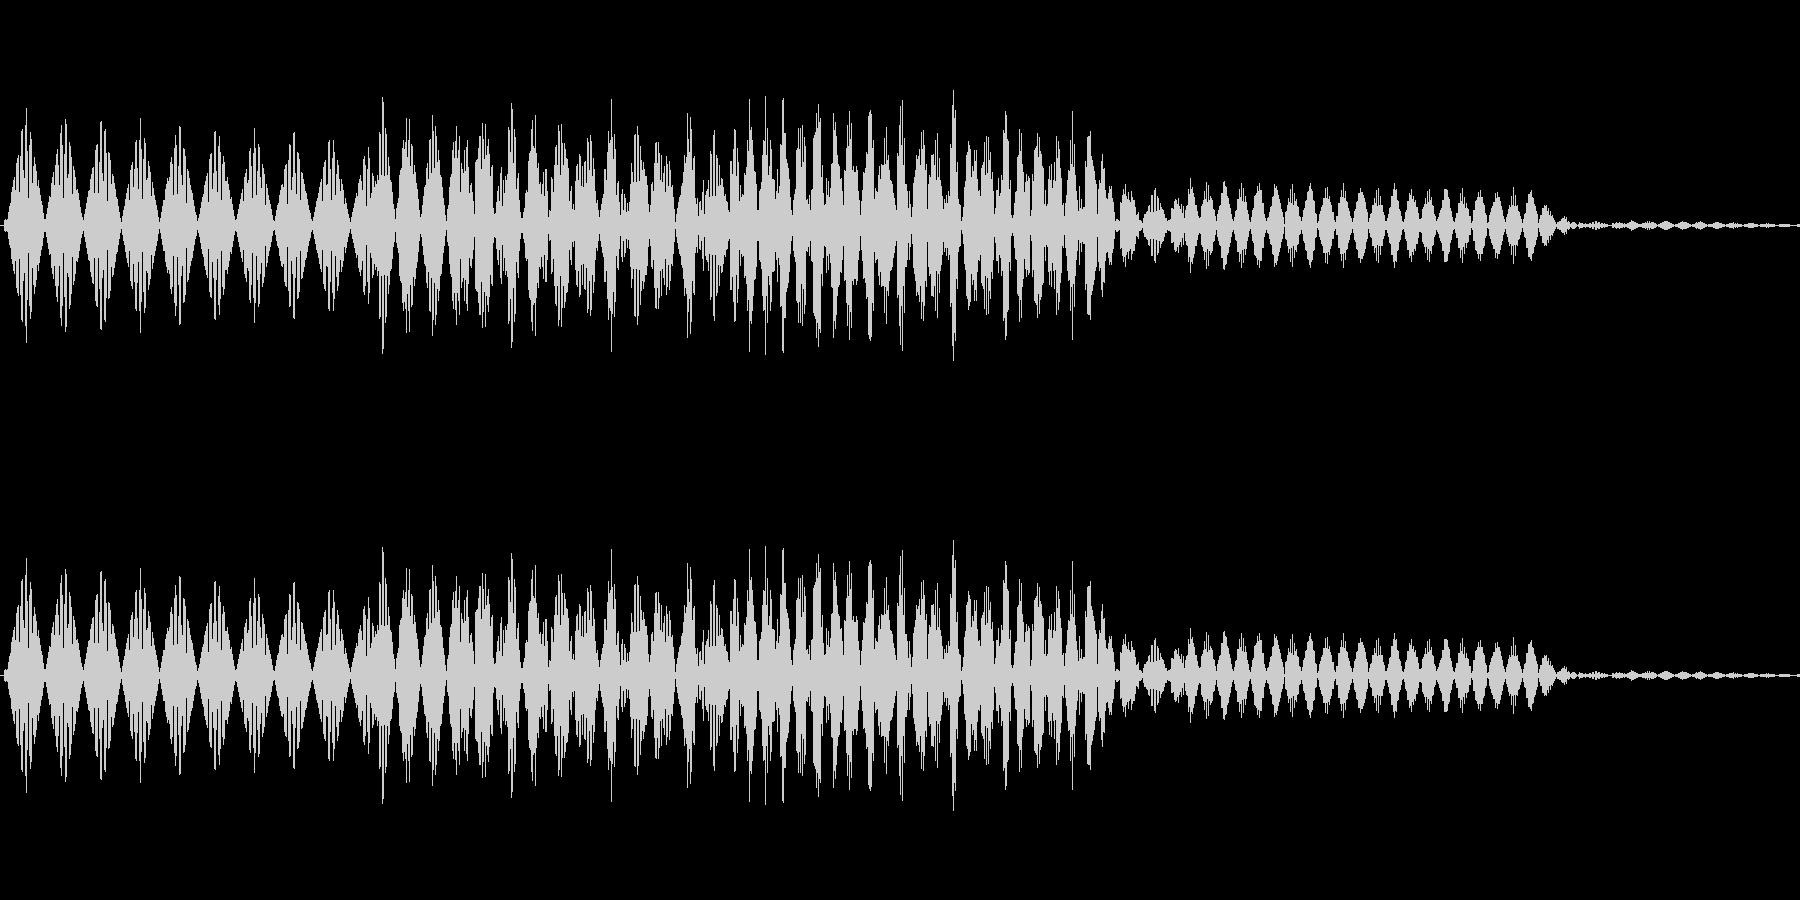 ボタン決定音システム選択タッチ登録C01の未再生の波形